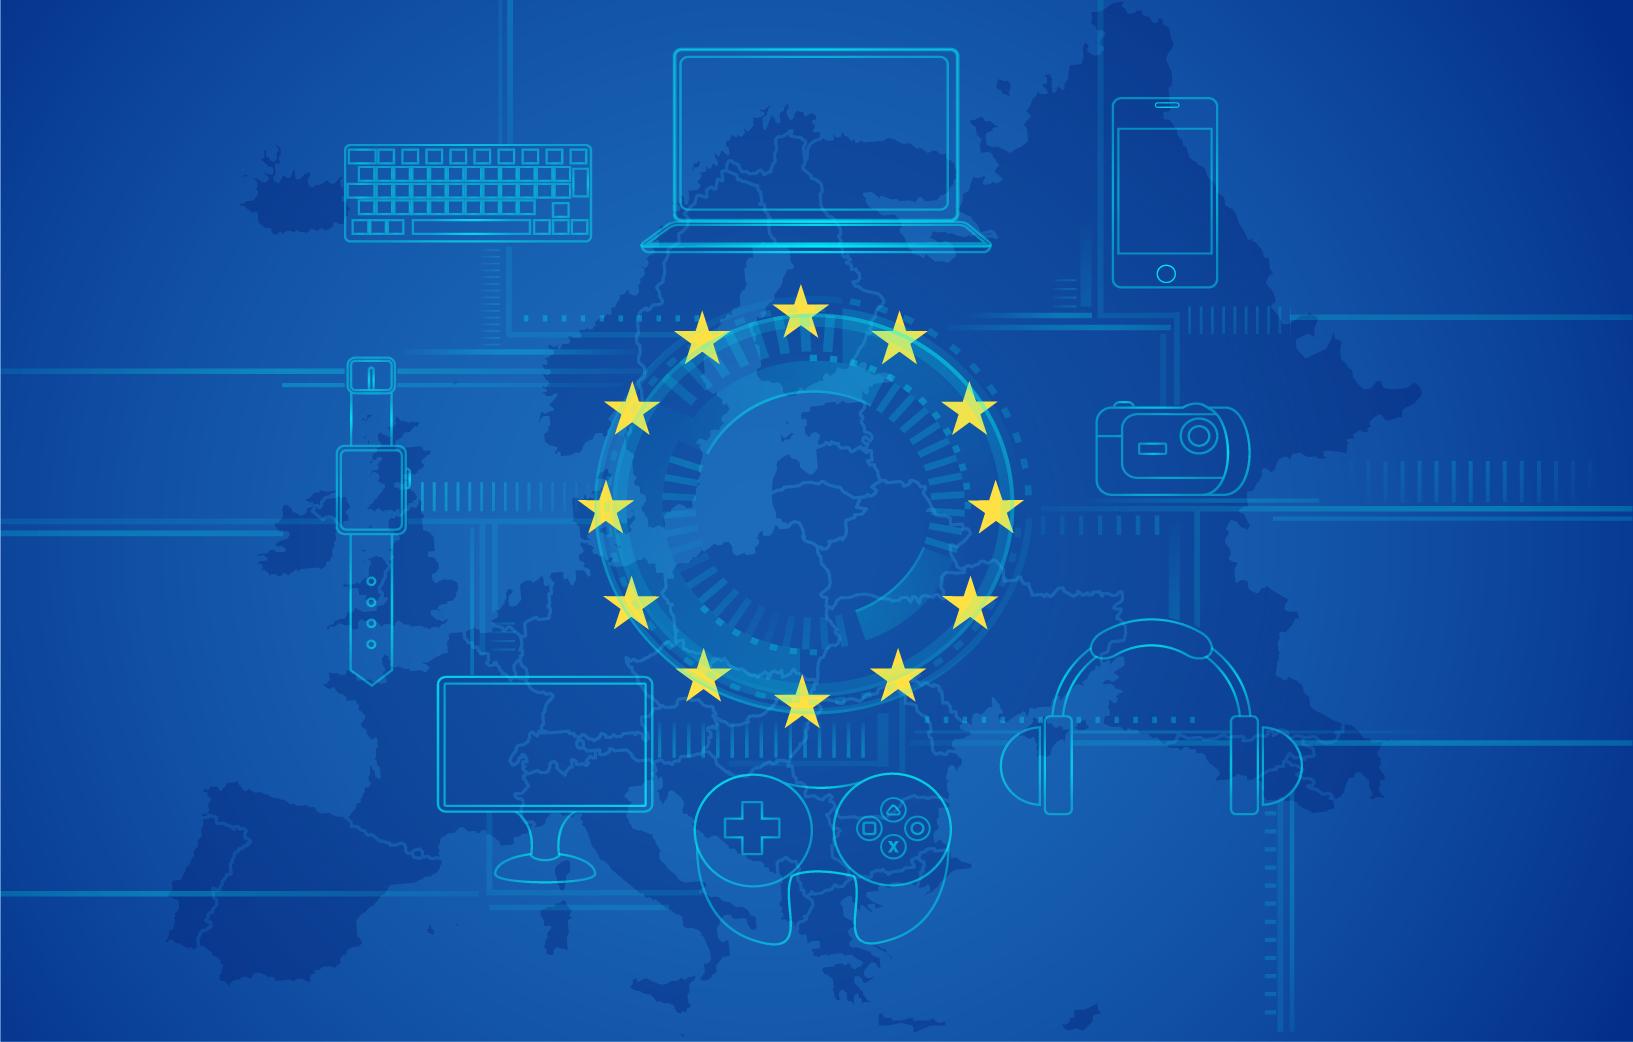 ევროპულ დირექტივათა ინტეგრირება ქართულ ელექტრონული მოწყობილობების ბაზარზე